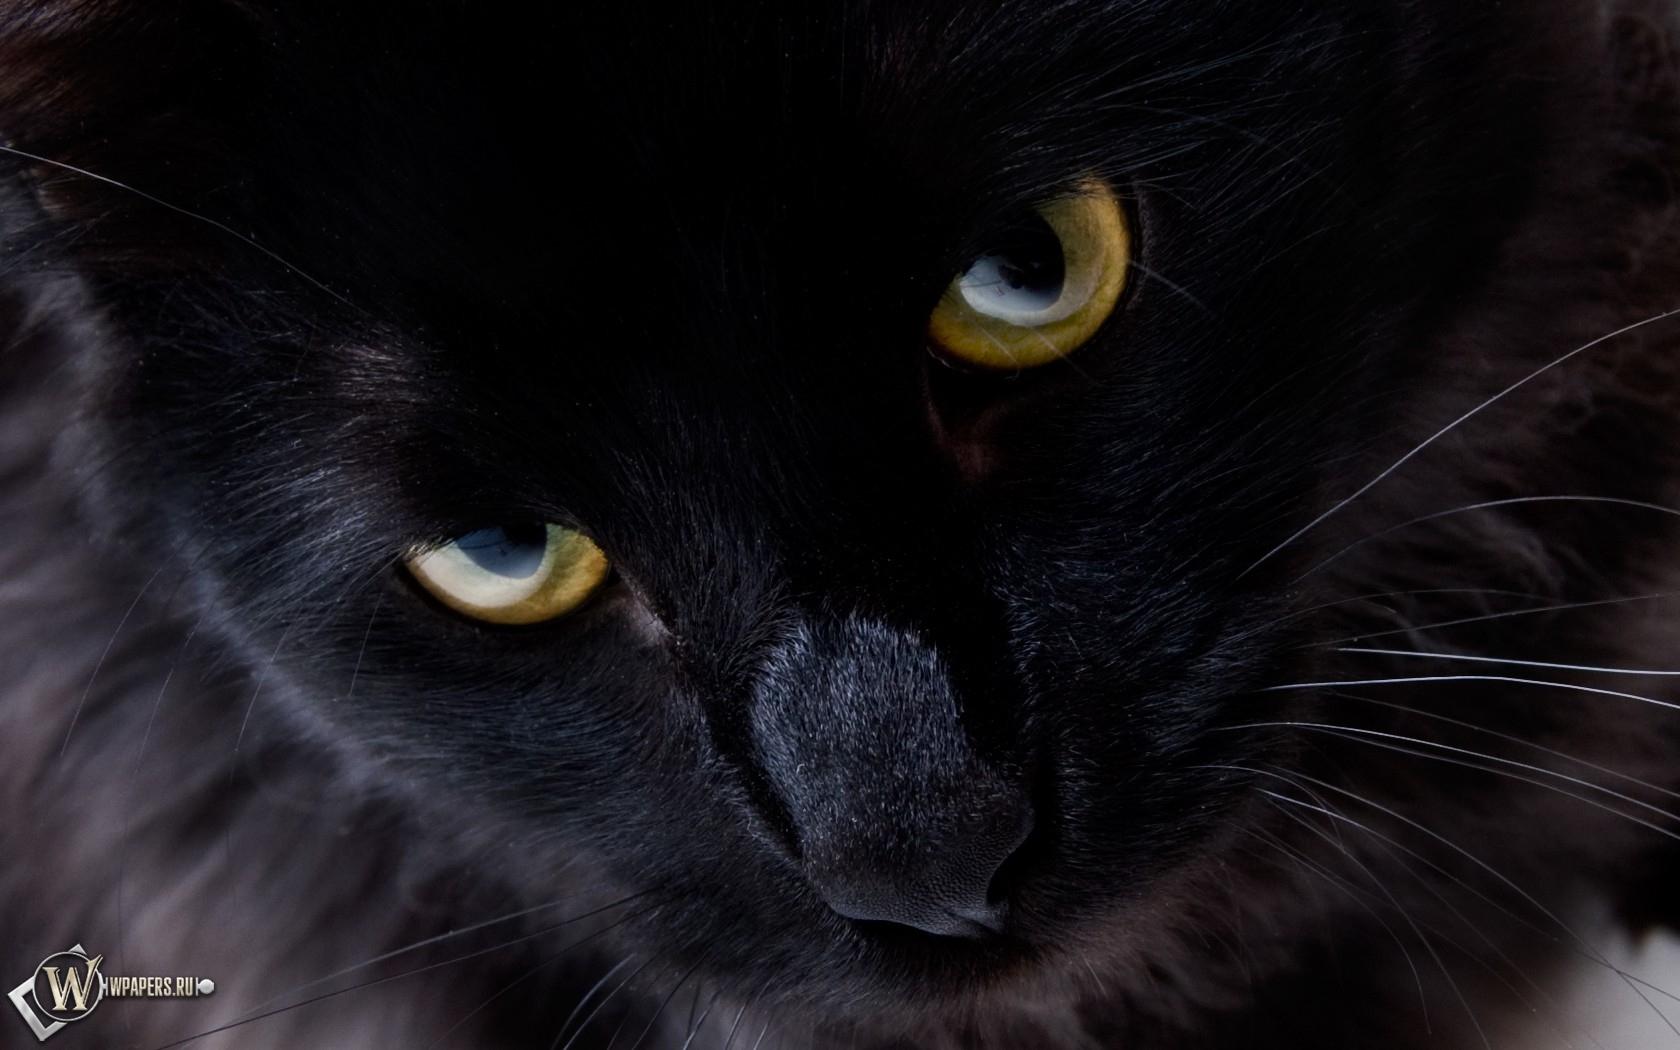 Взгляд черной кошки 1680x1050